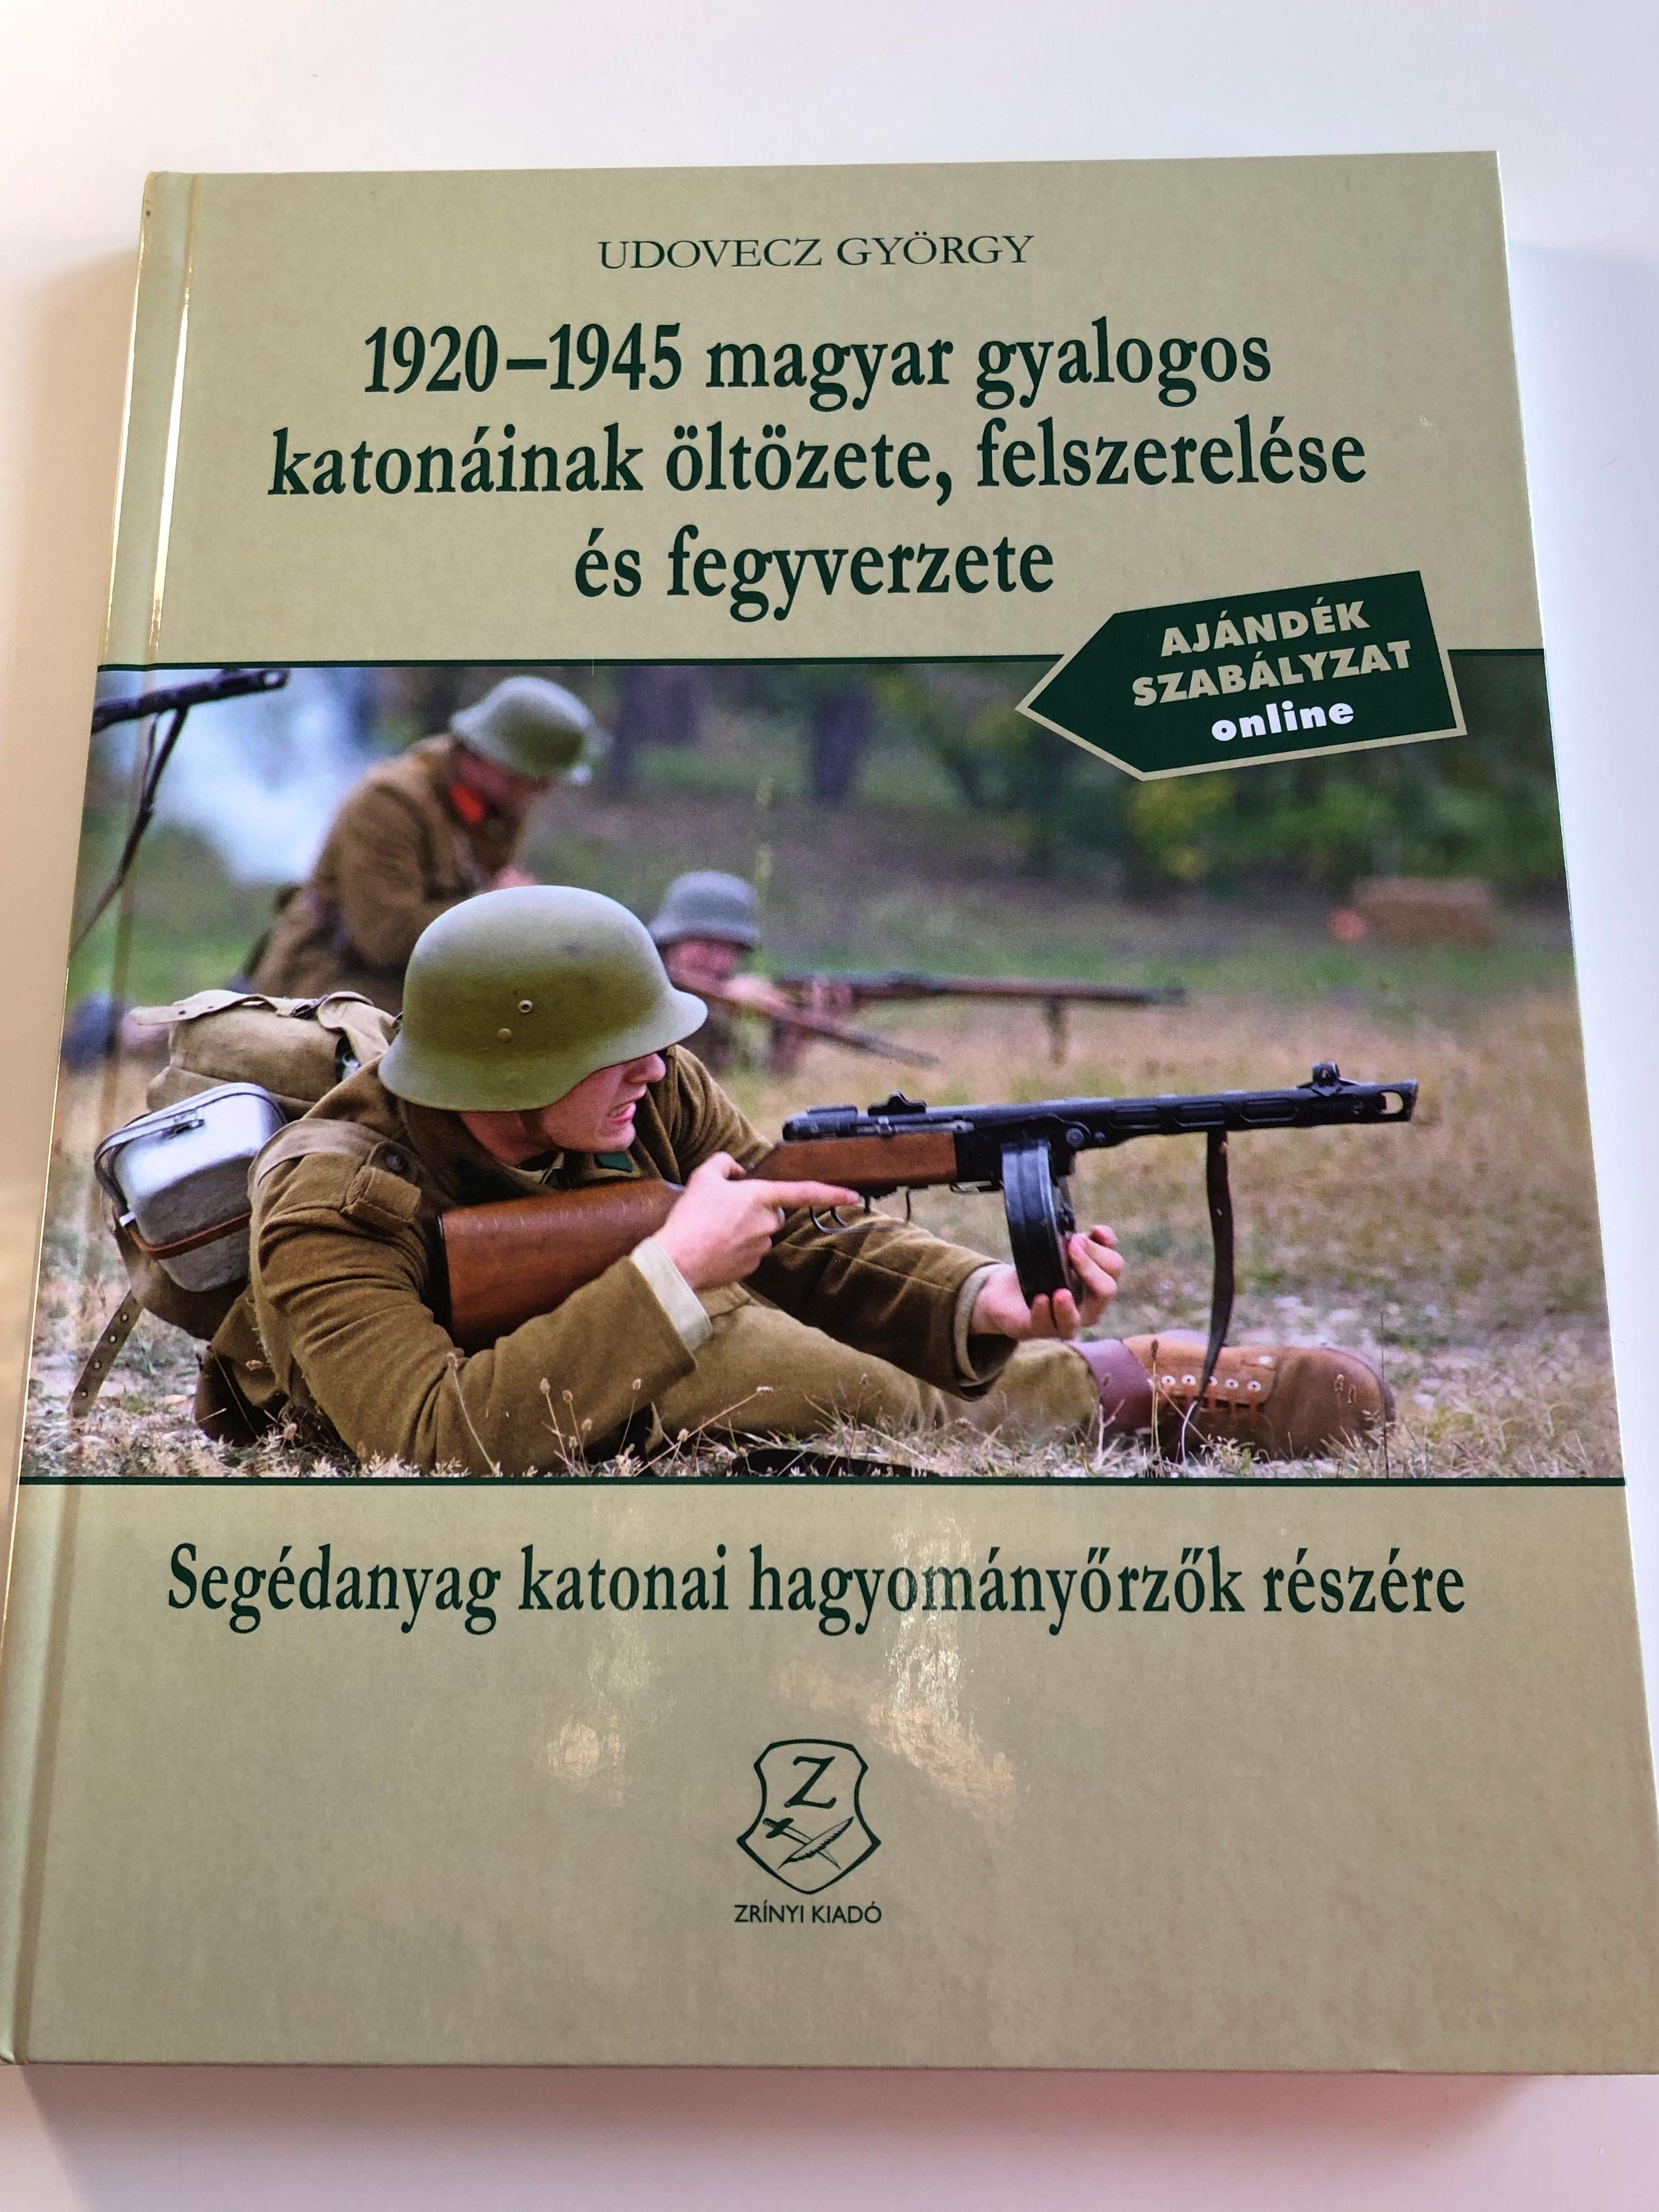 1920-1945-magyar-gyalogos-katon-inak-lt-zete-felszerel-se-s-fegyverzete-by-udovecz-gy-rgy-1.jpg